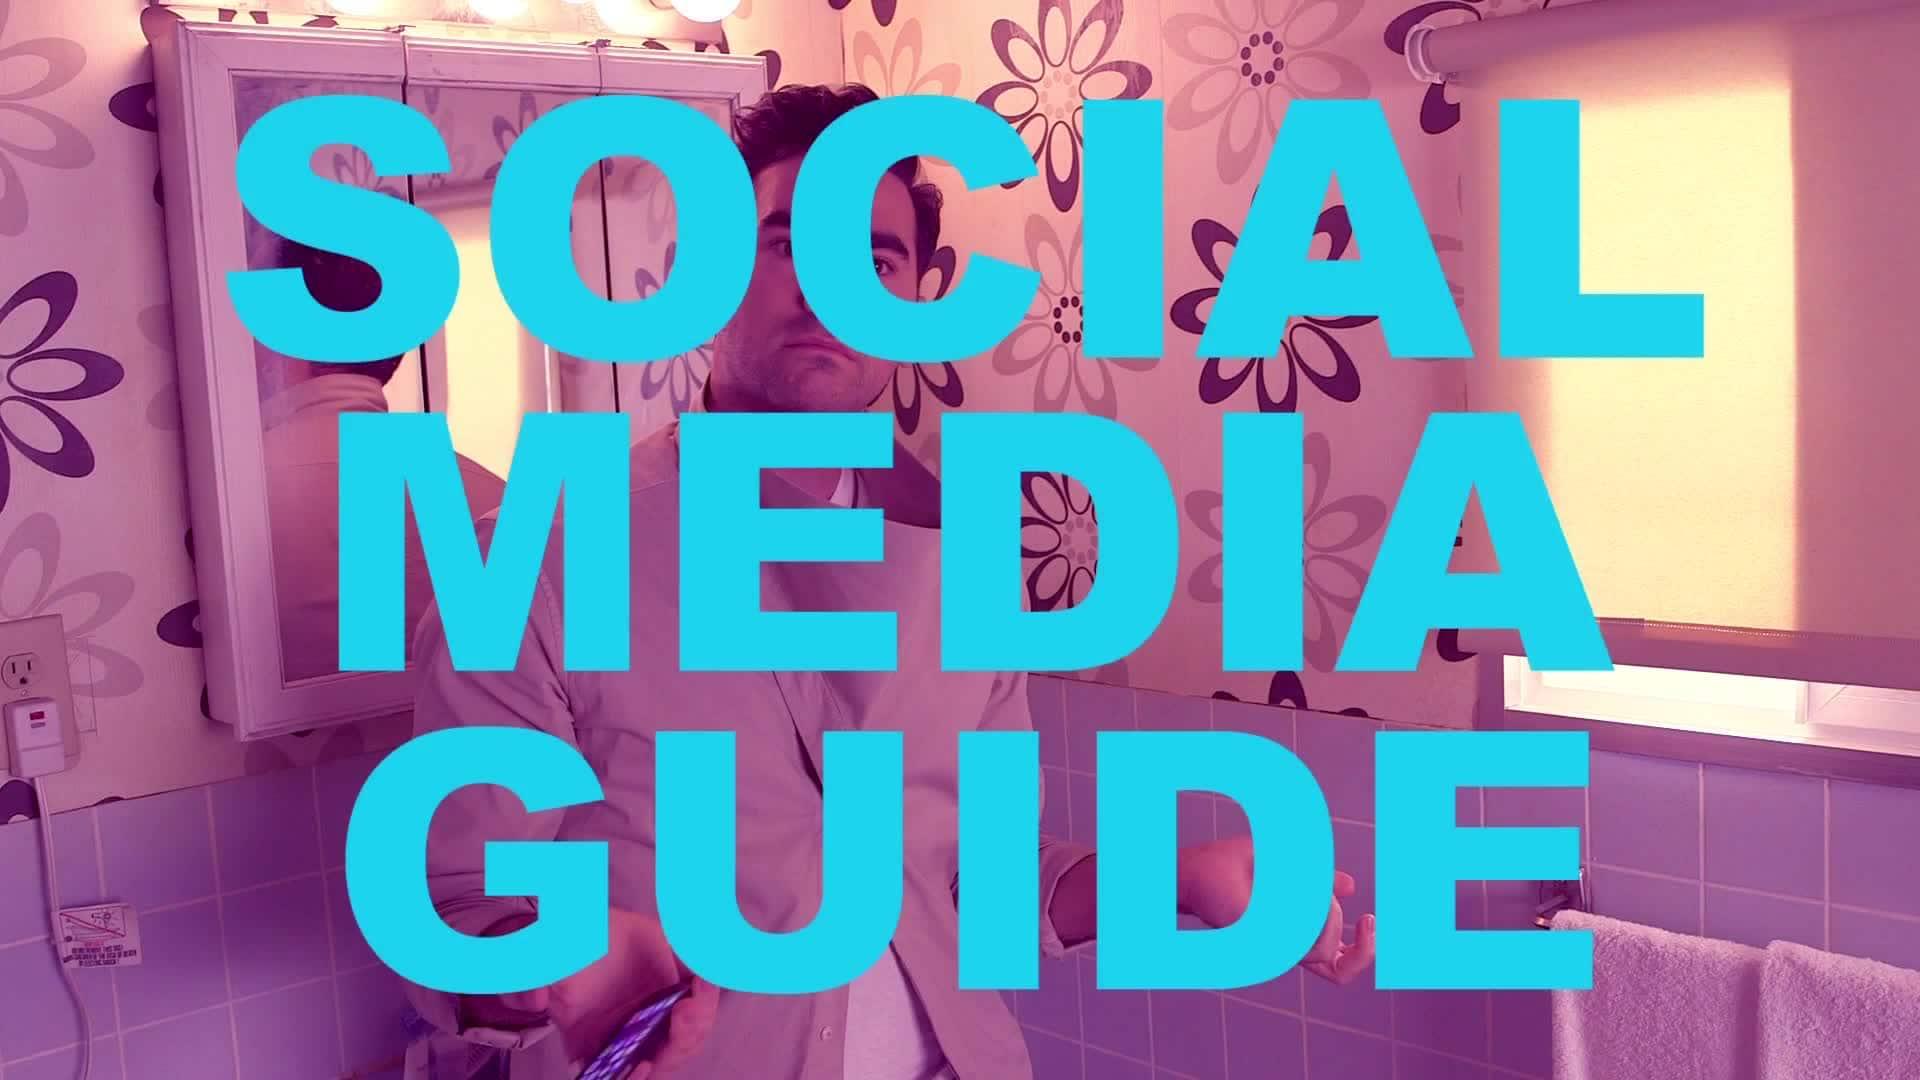 SCwebisode107socialmediaguide